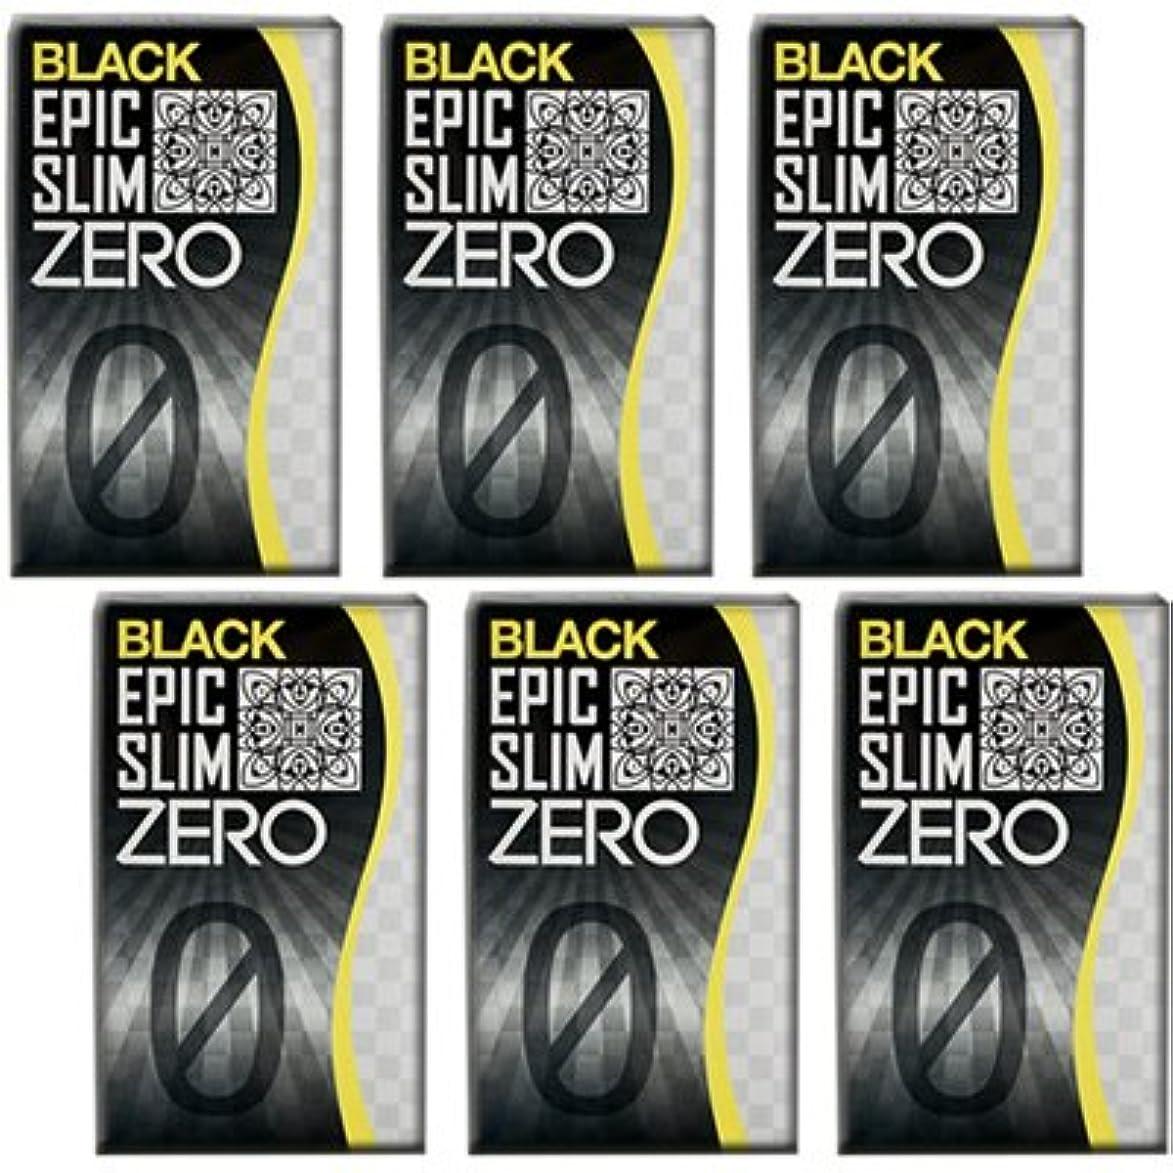 忠実に責野生ブラック エピックスリム ゼロ ブラック 6個セット!  Epic Slim ZERO BLACK ×6個